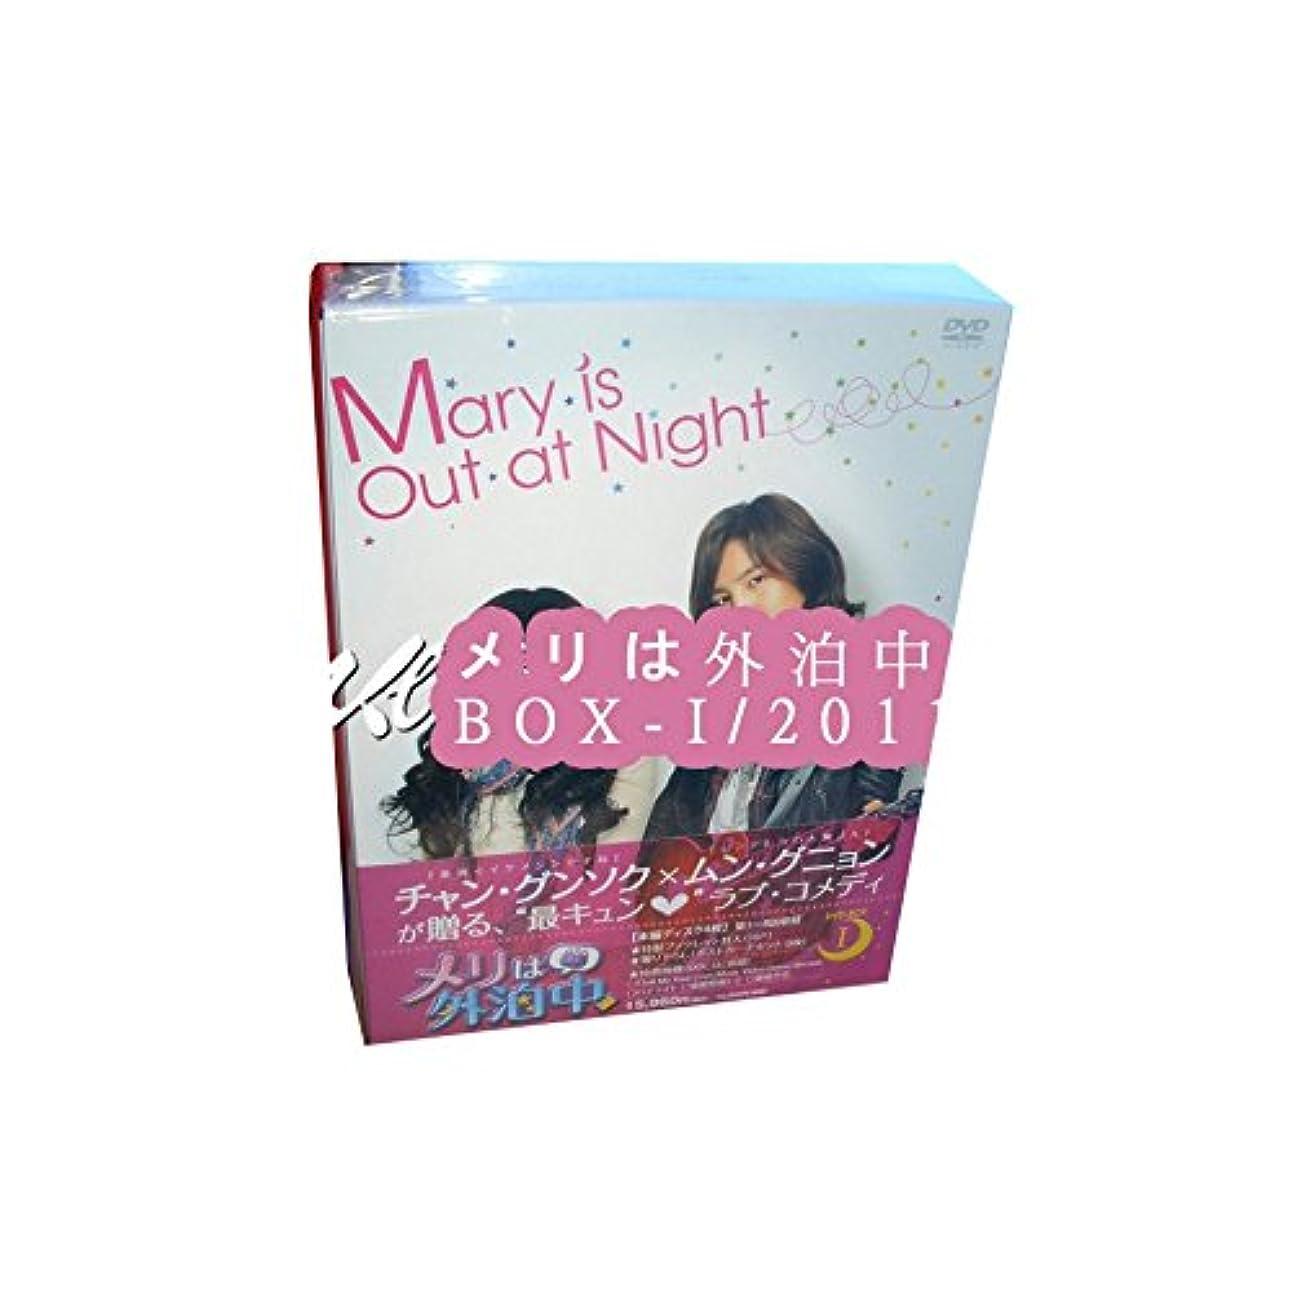 教室長くする音楽を聴くメリは外泊中 BOX I 2011